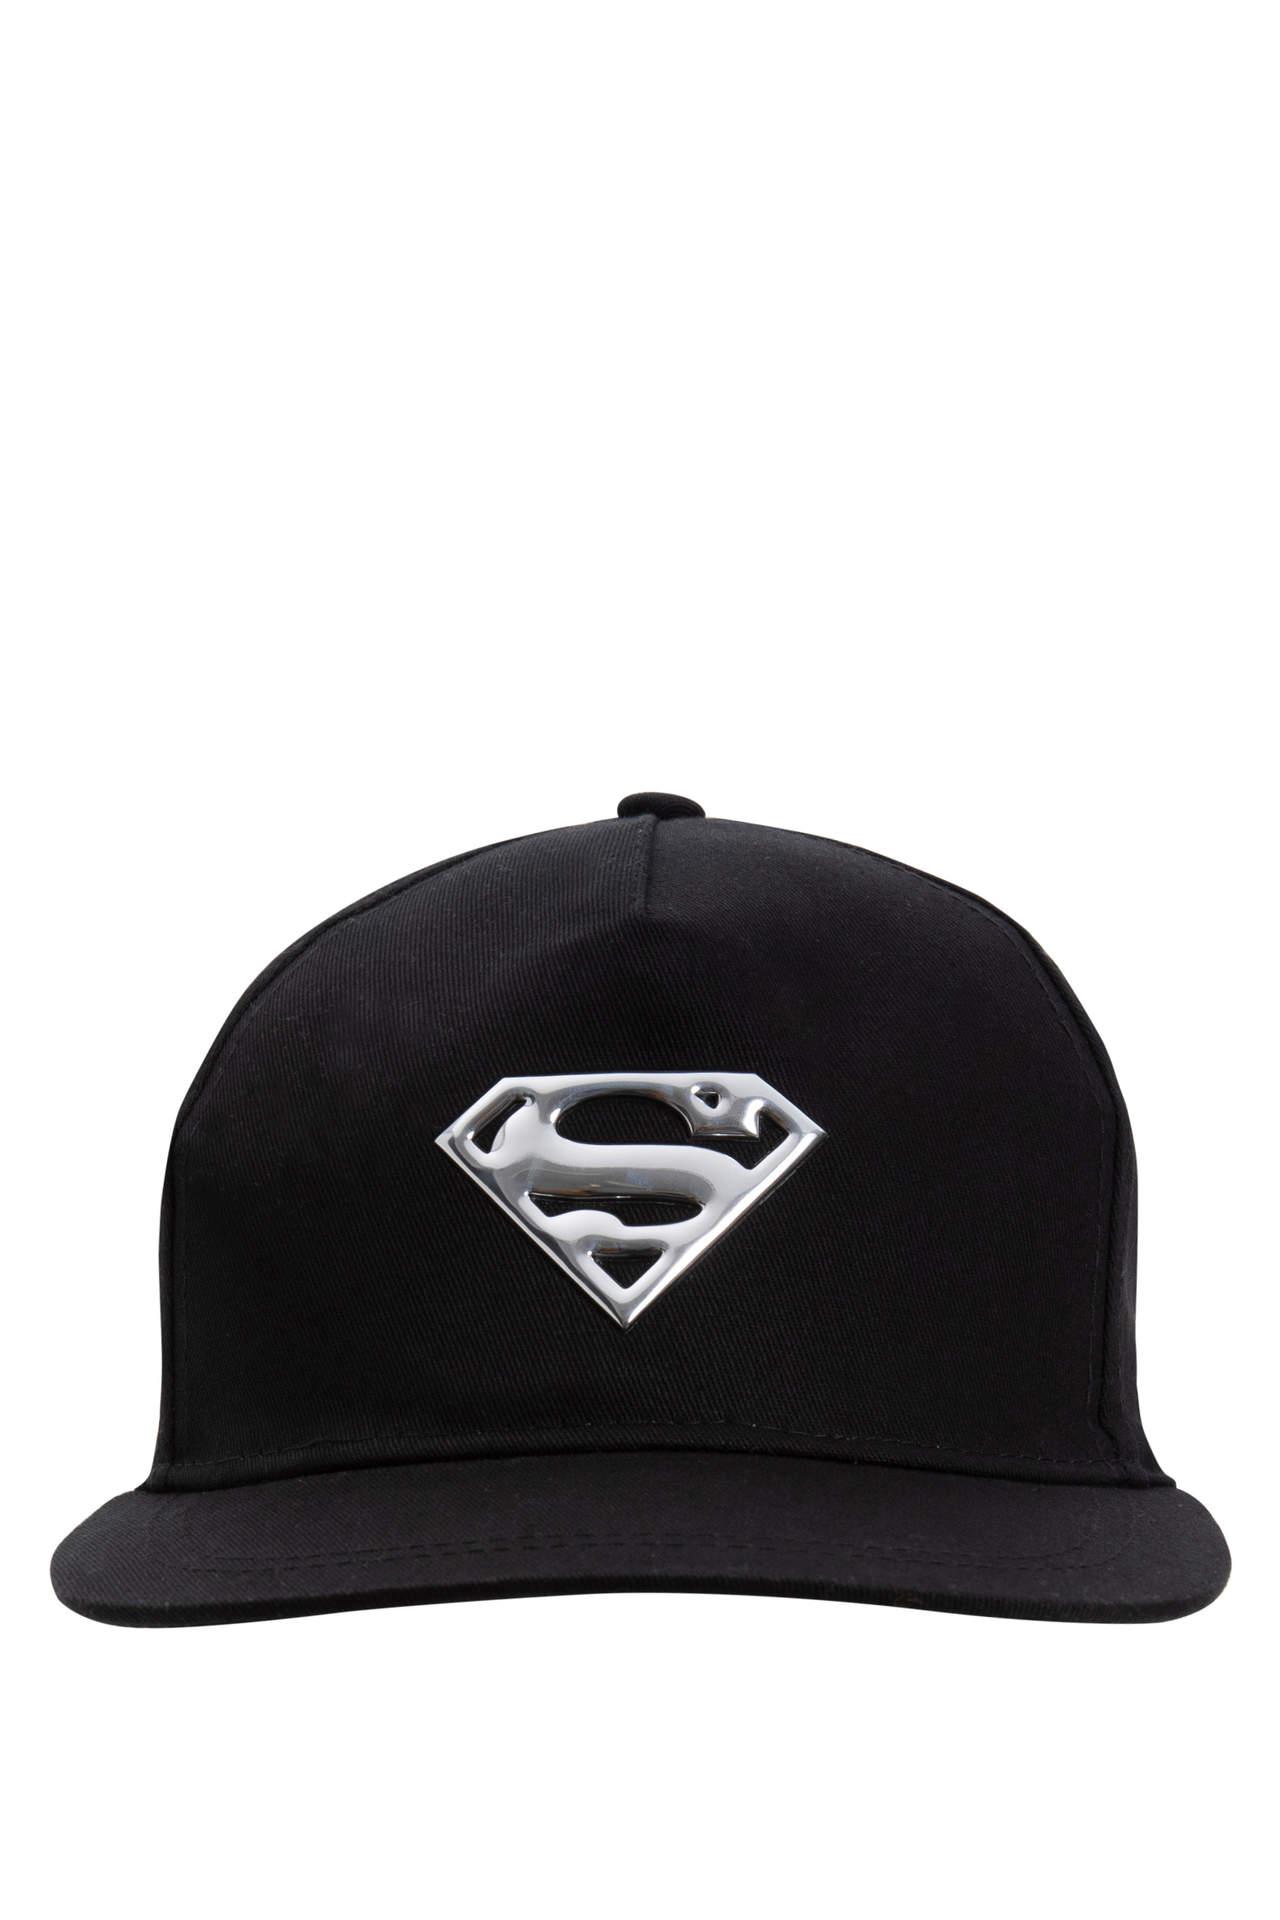 DeFacto Erkek Çocuk Superman Lisanslı Şapka Siyah male